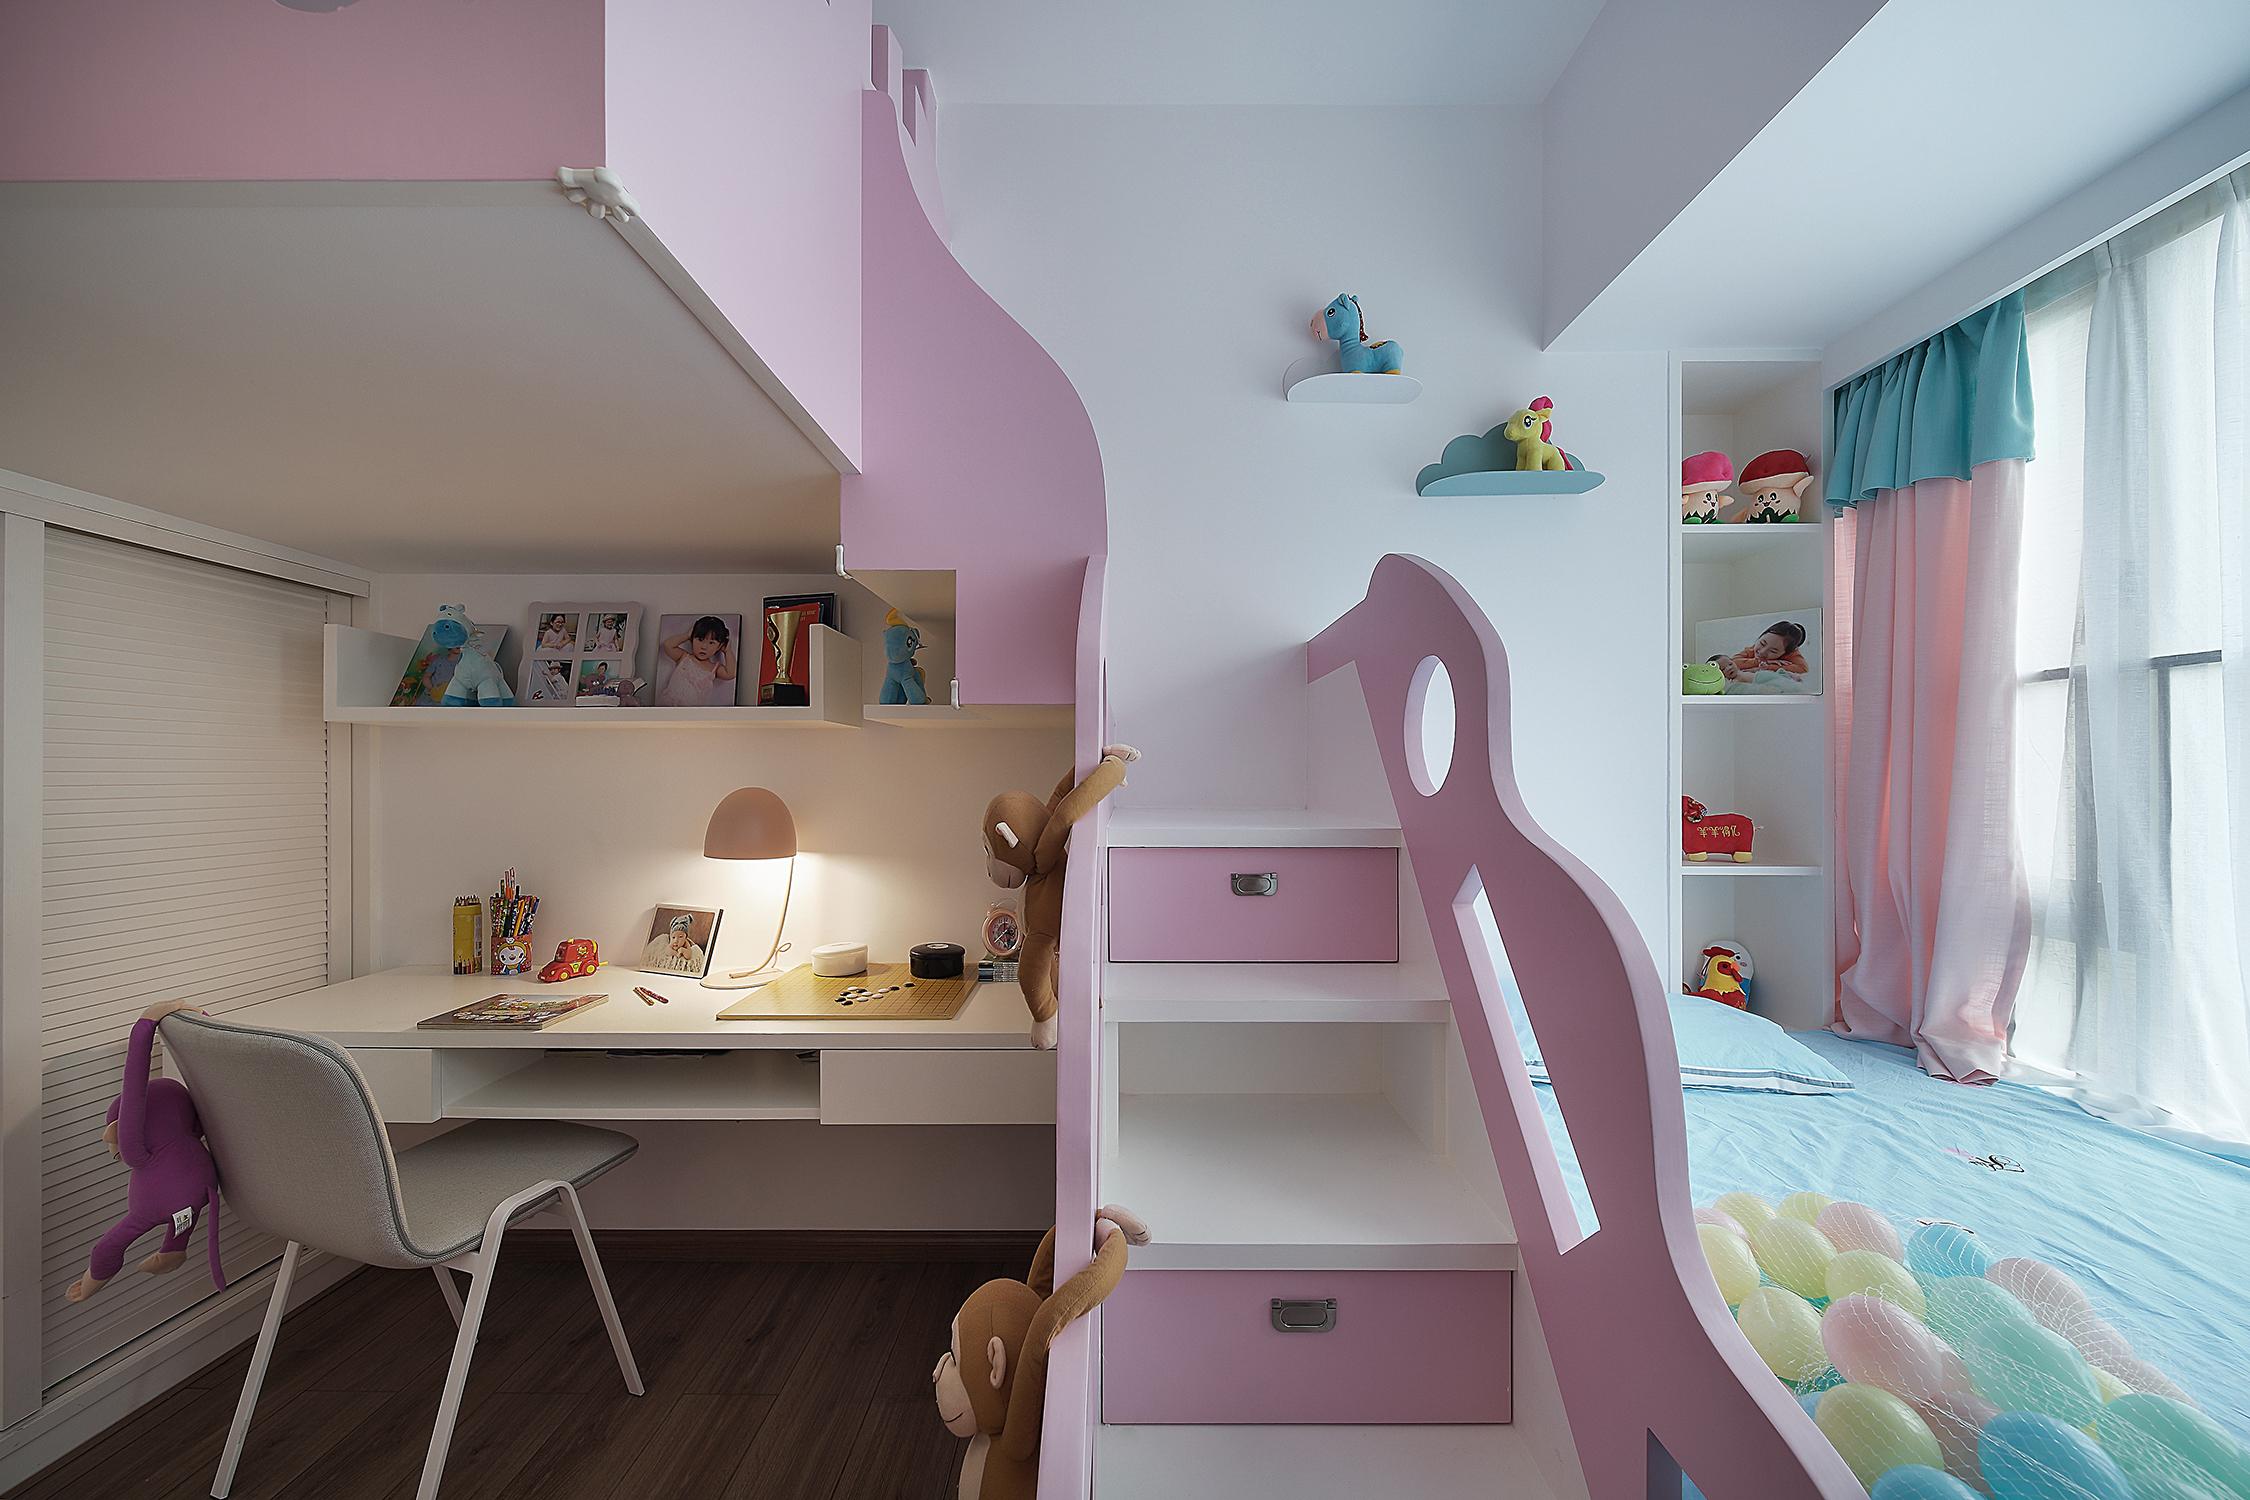 三居室现代风格装修儿童床图片